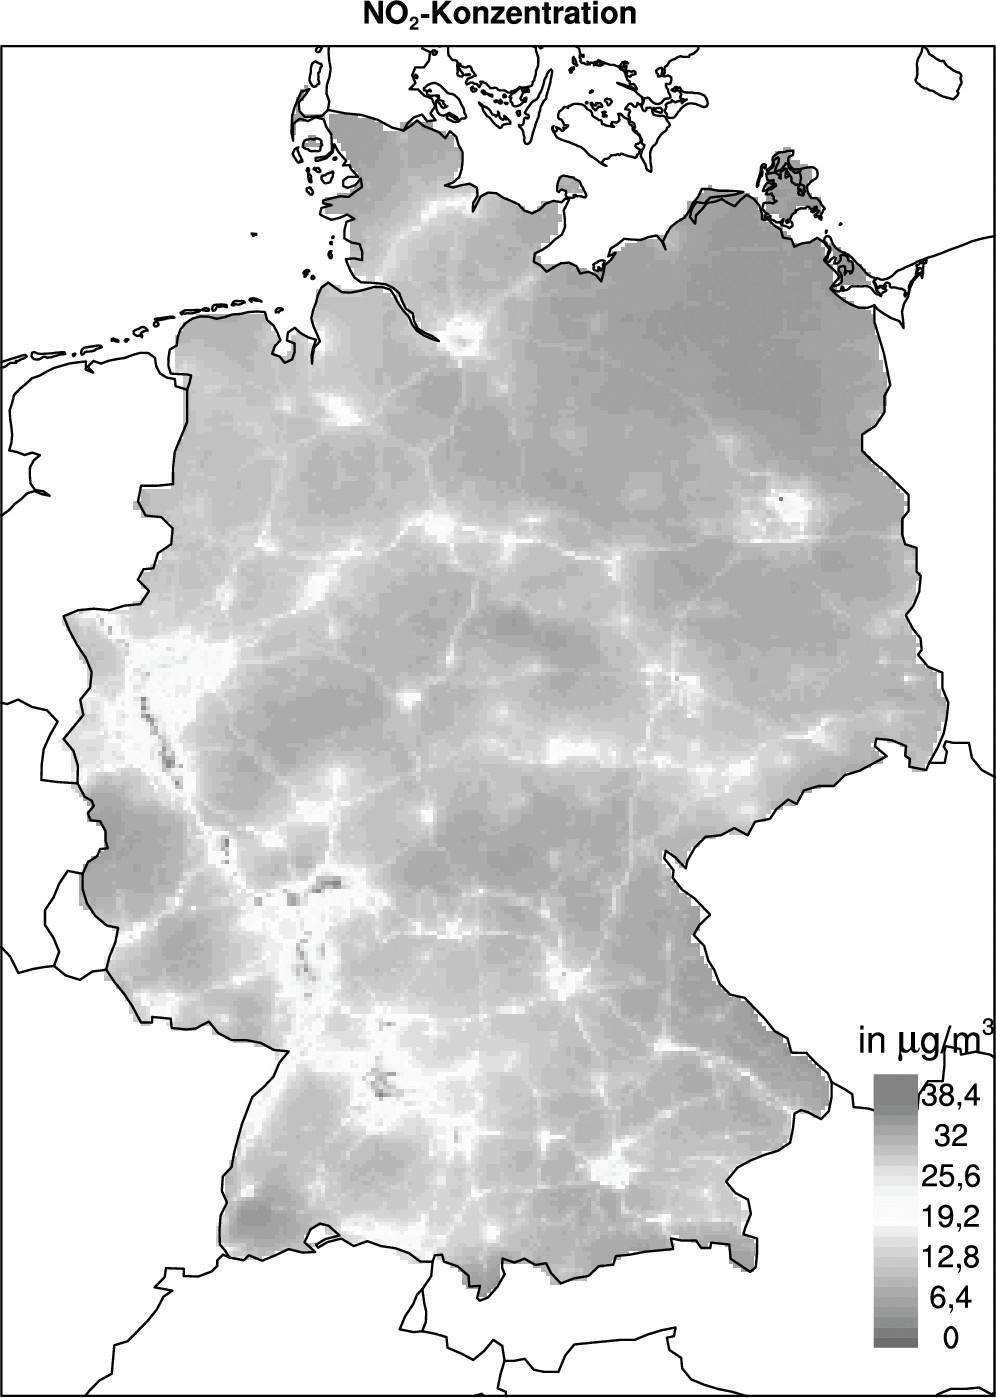 Bild 1. Jahresmittelwert der NO2-Konzentrationsverteilung im Jahr 2015 aus der Modellierungsrechnung mit REM-Calgrid bei einer Auflösung von 2 km x 2 km. Quelle: UBA